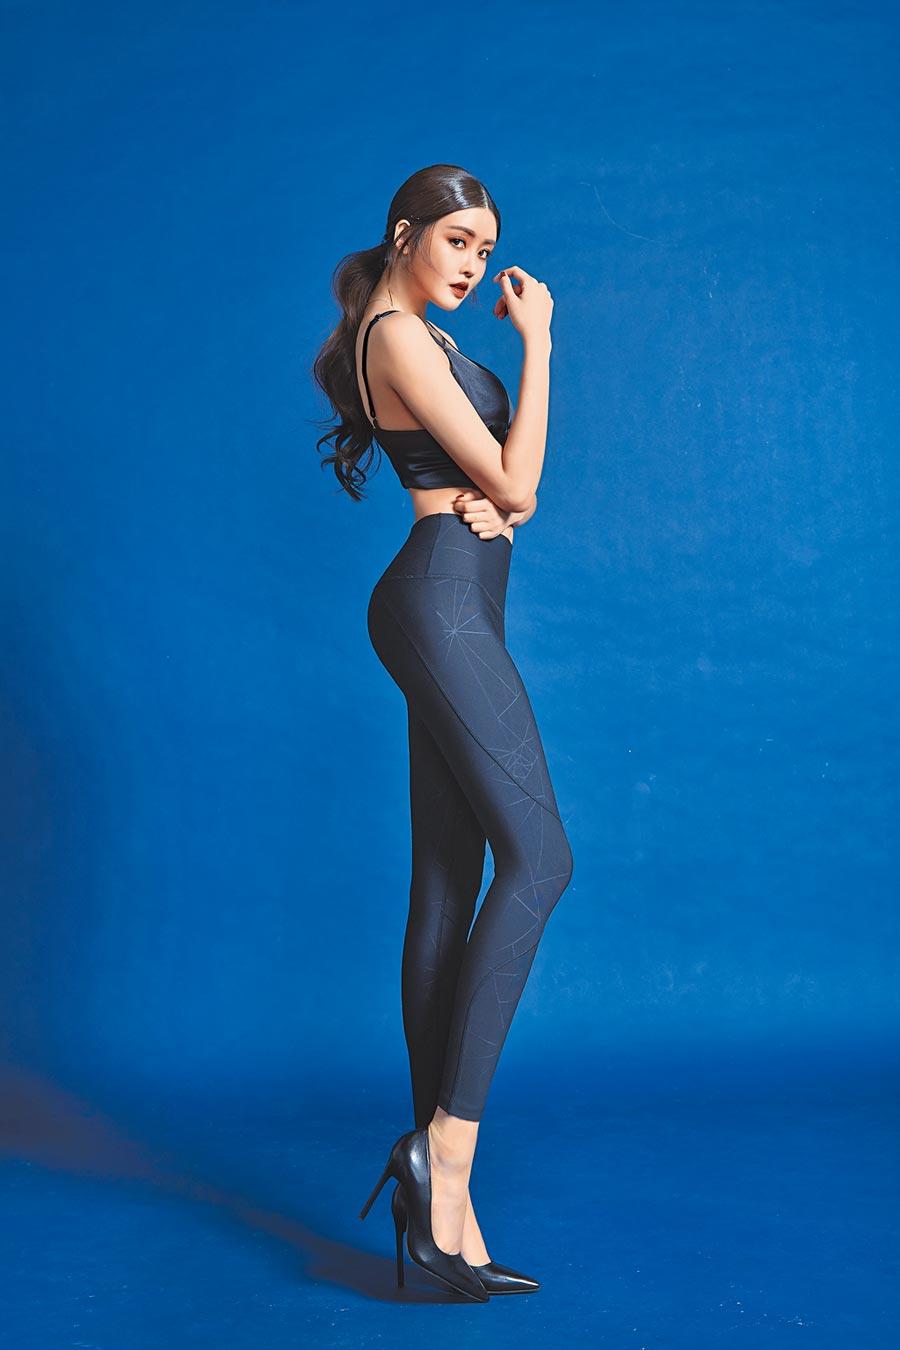 賴琳恩擔任「石墨烯代謝神褲」形象大使,展現完美好身材。(伊林娛樂提供)